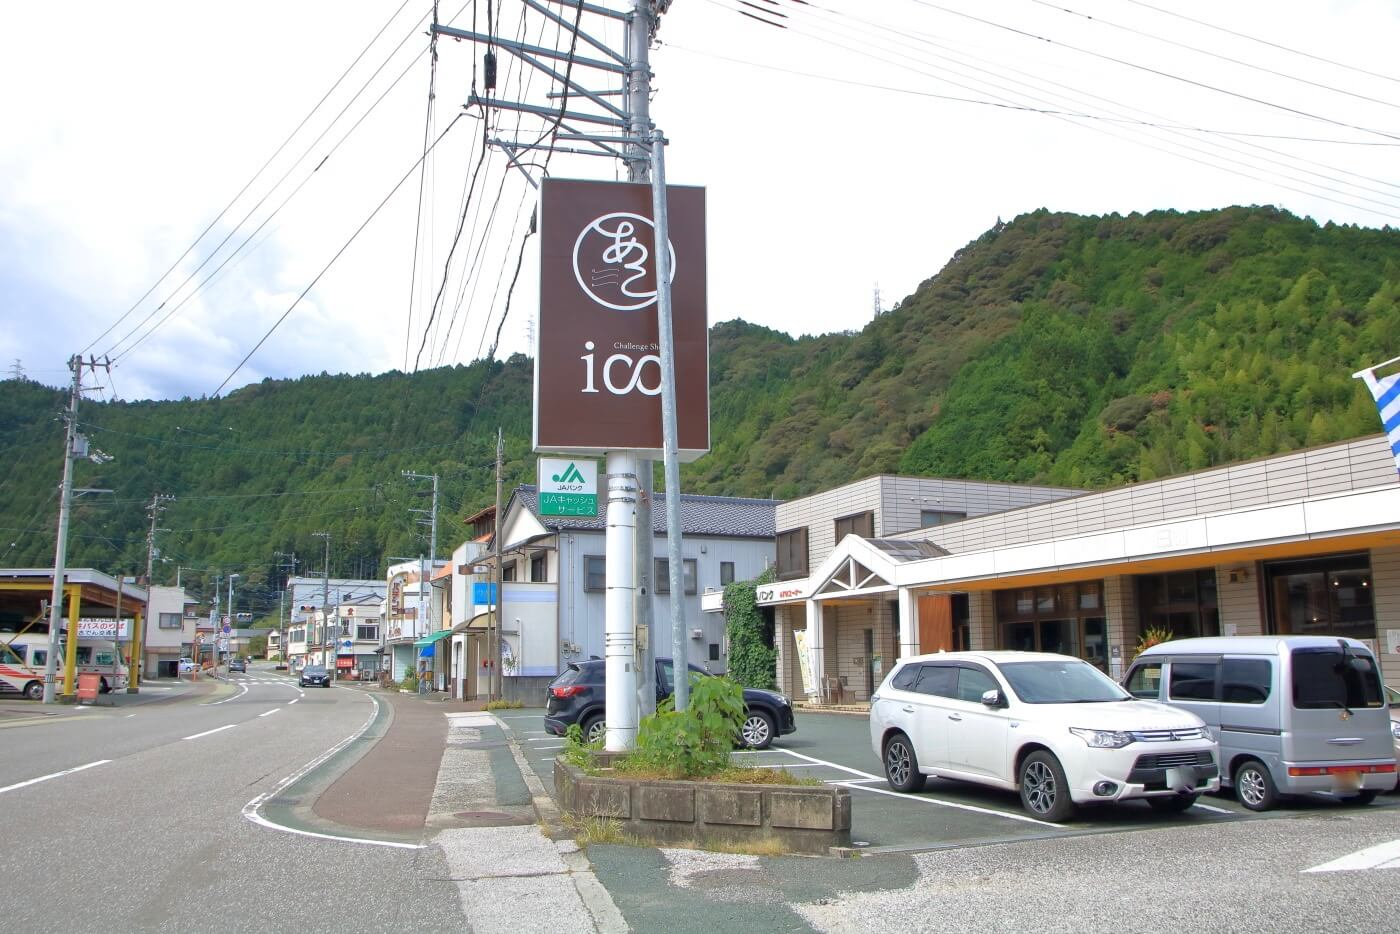 高知県土佐町のラーメン店 Monk 外観